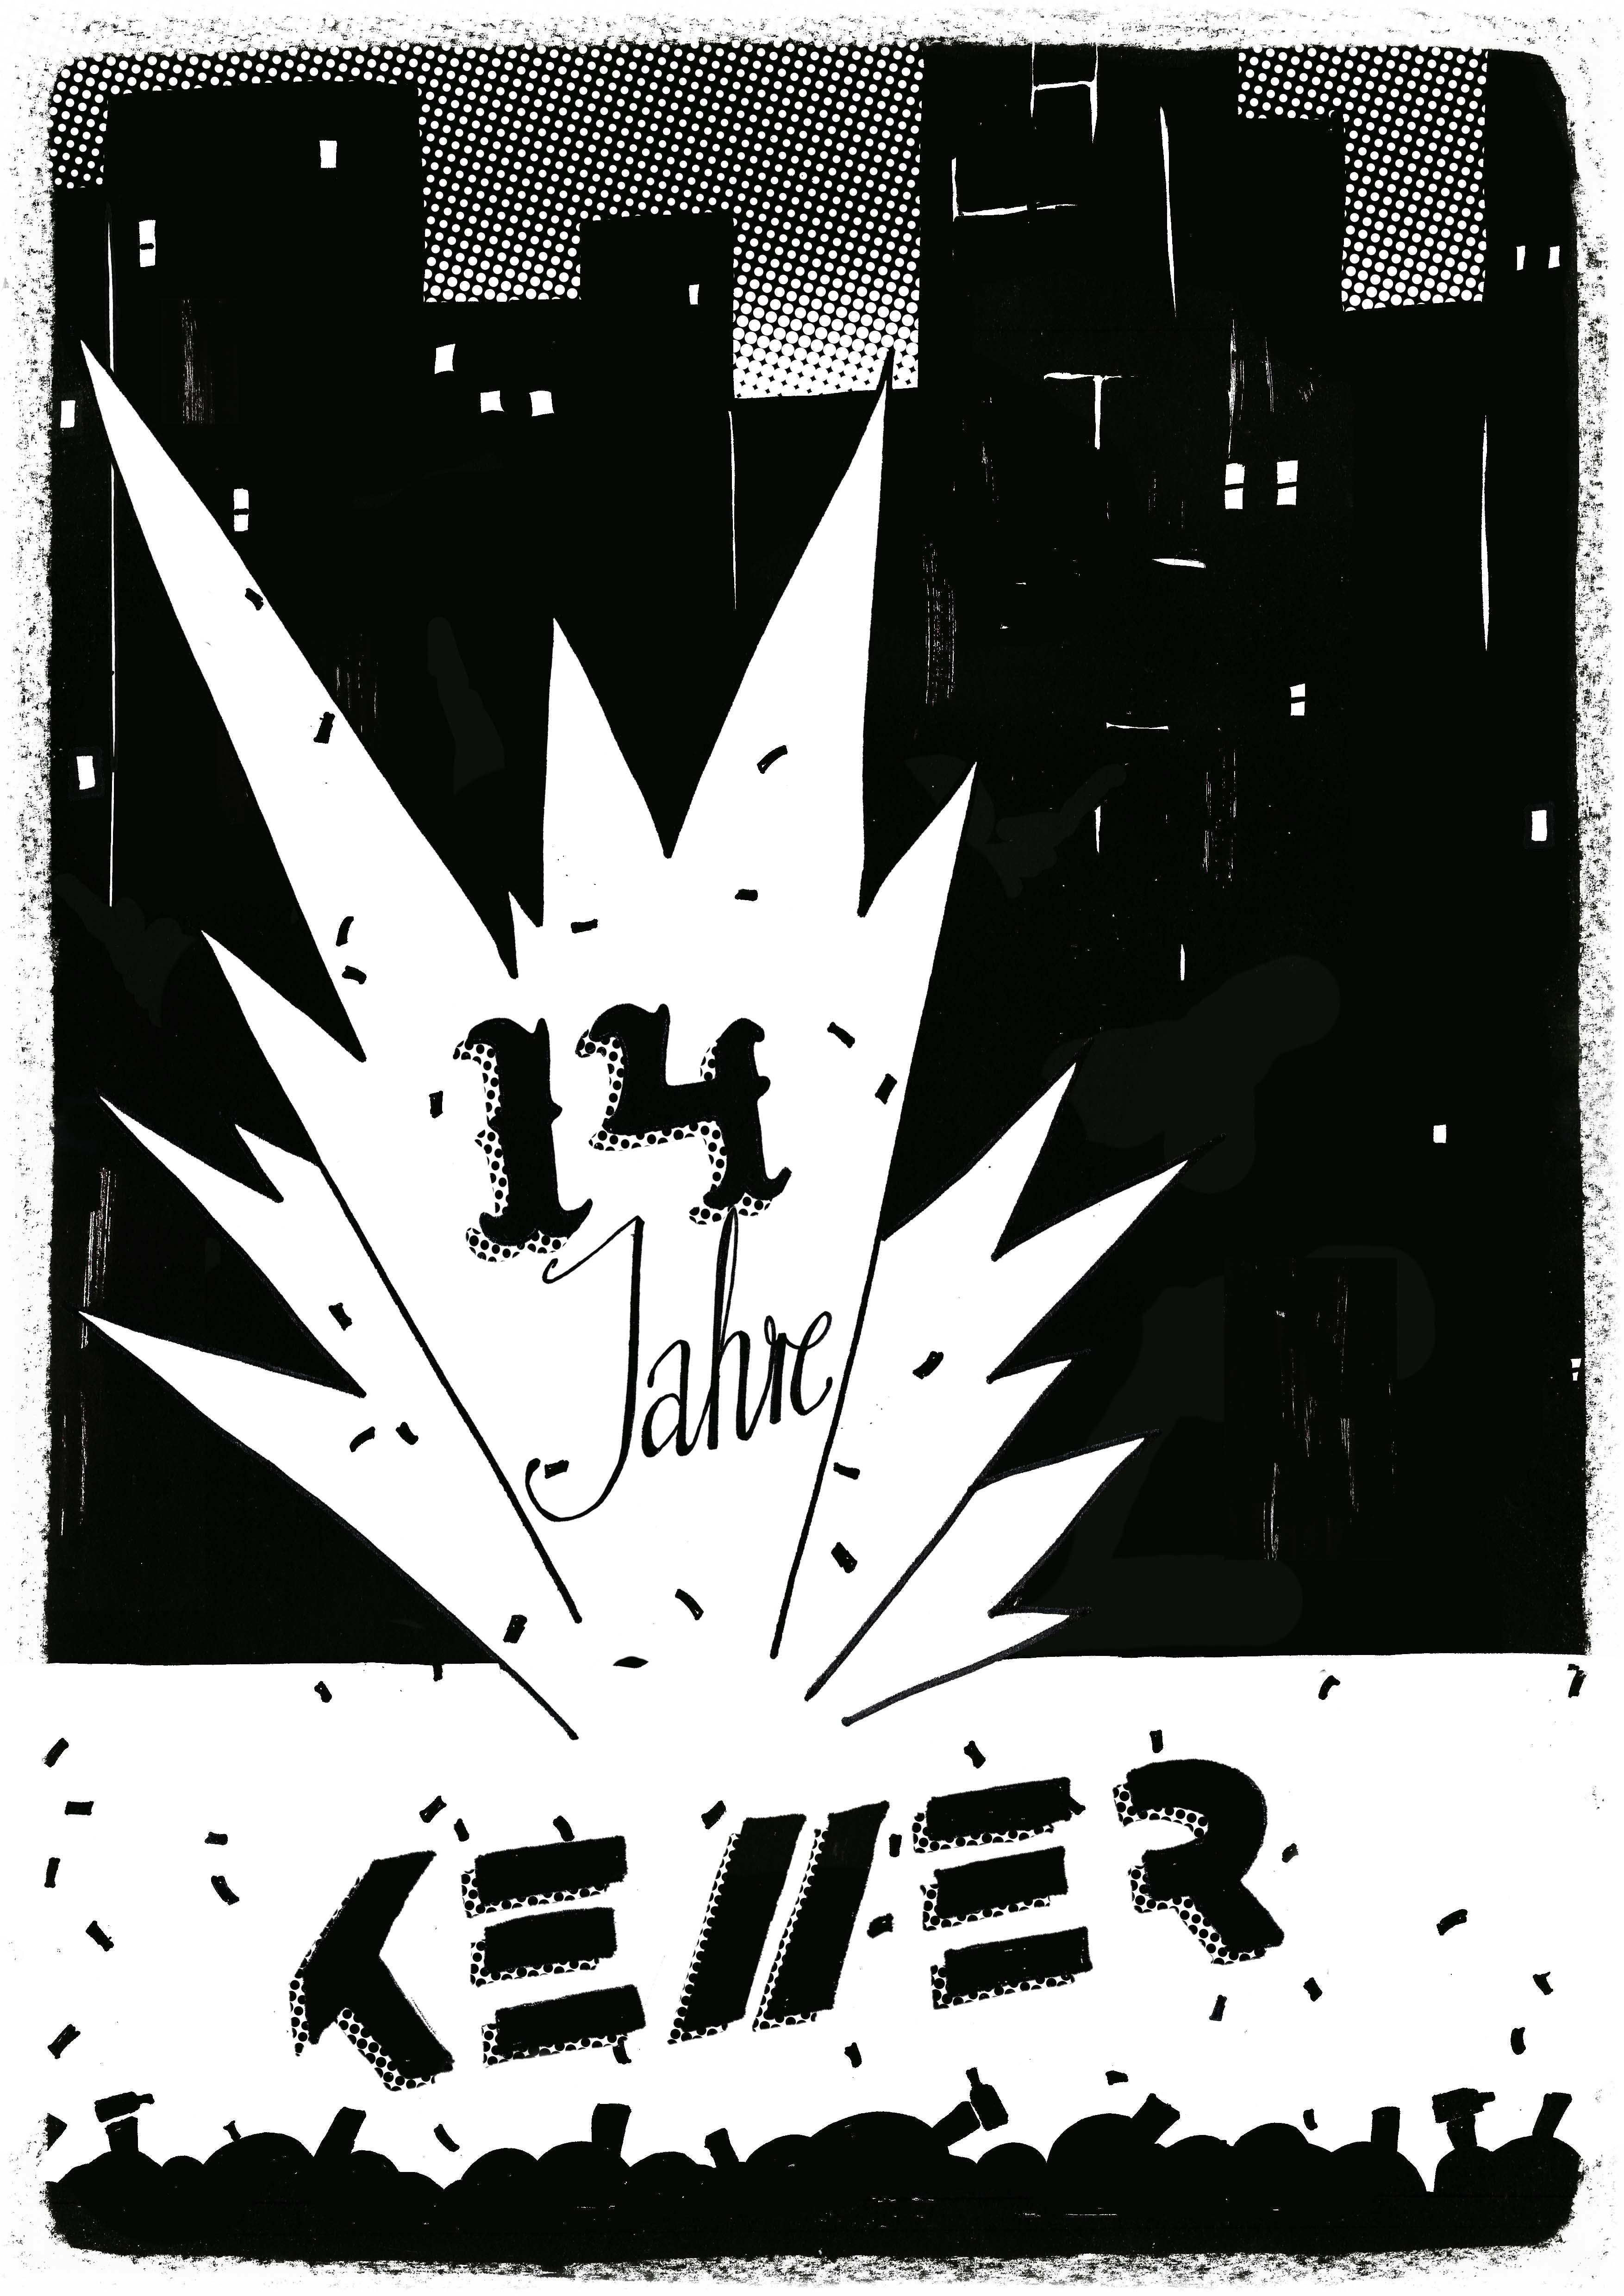 Keller-01-poster